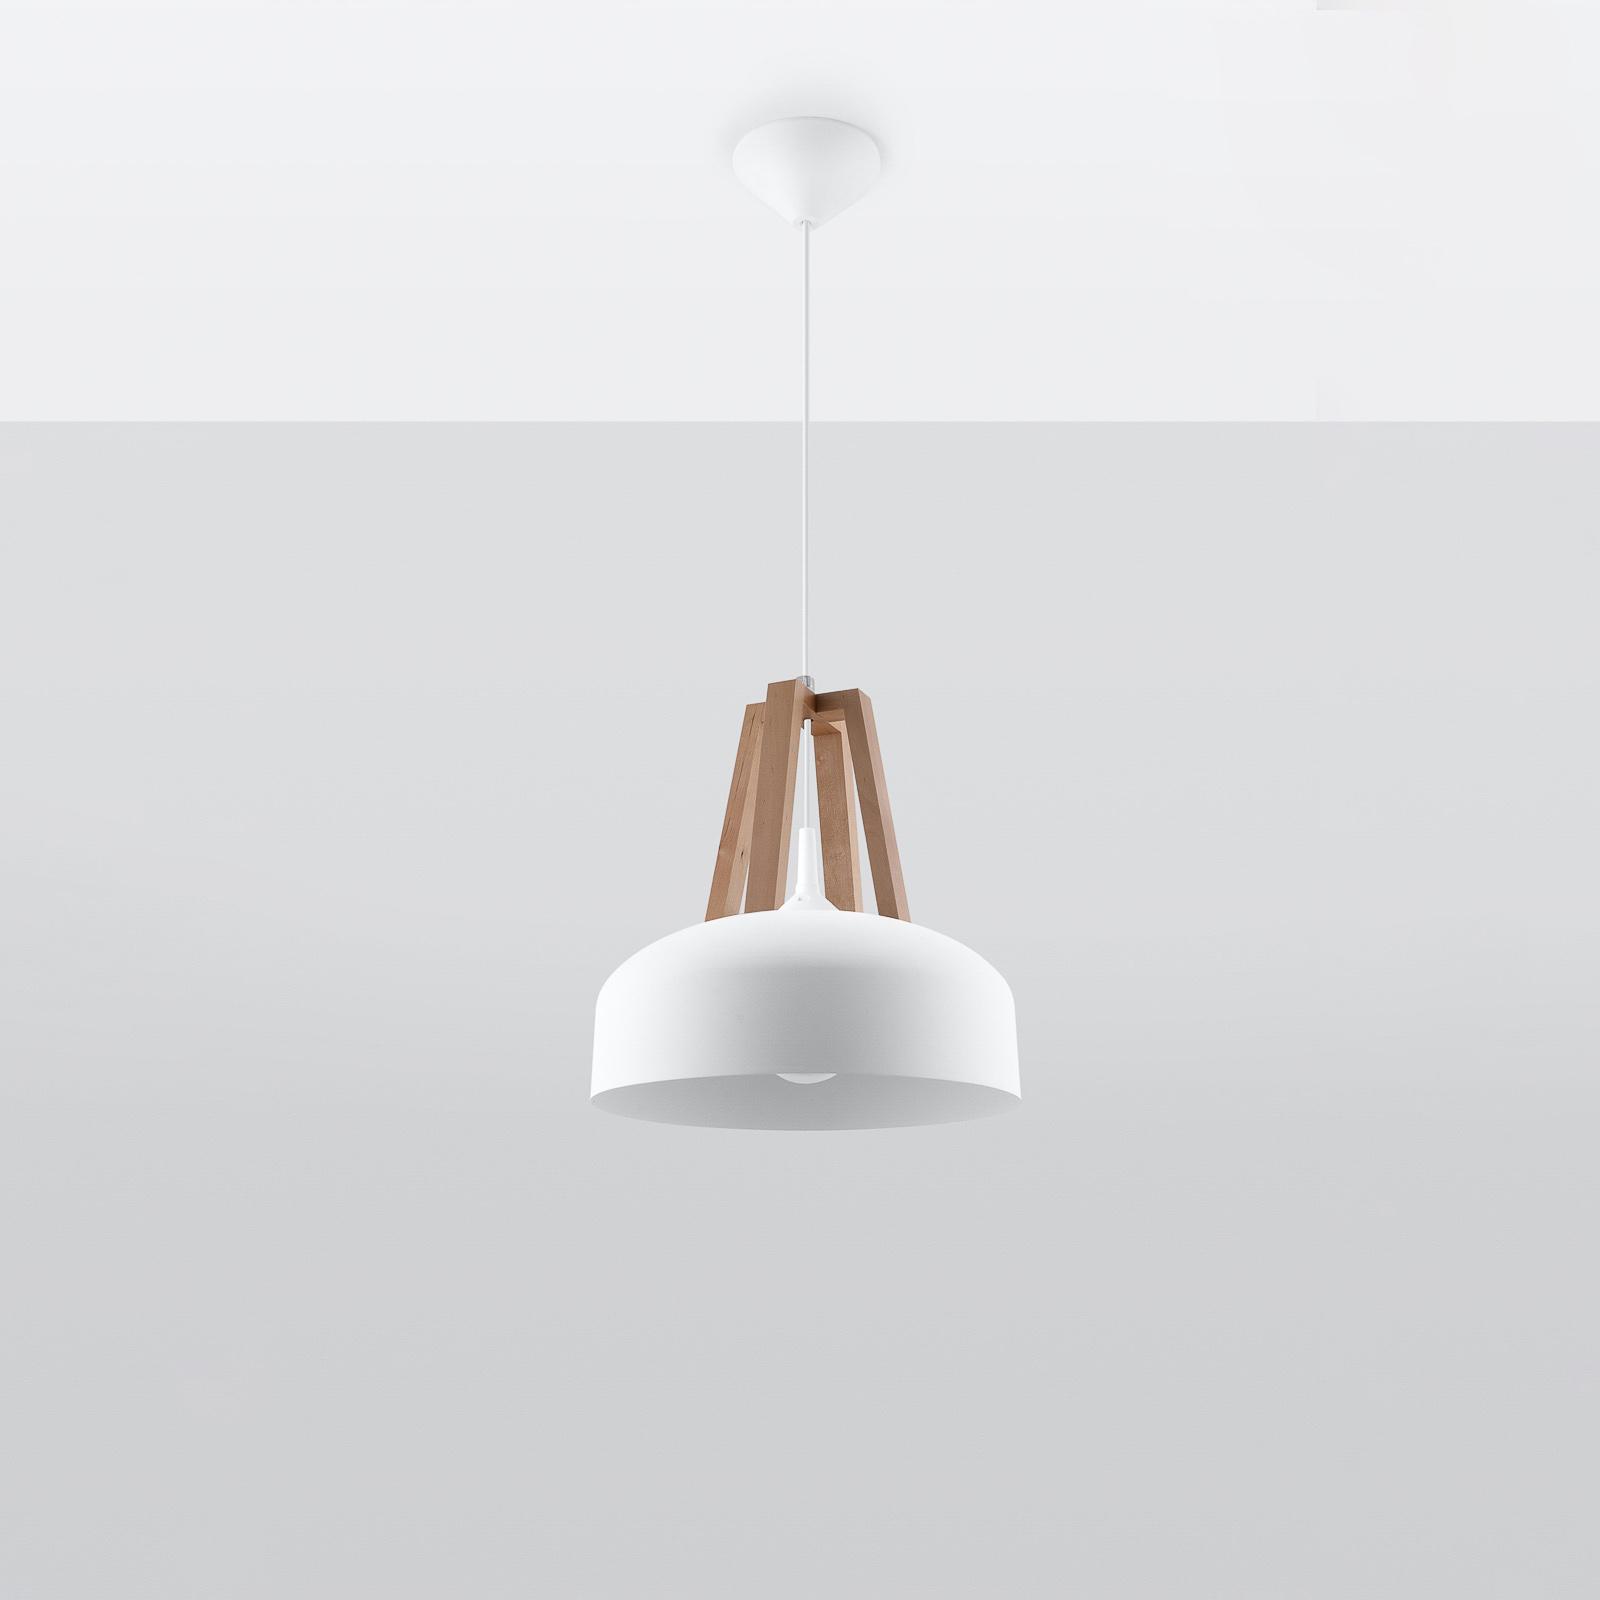 Lampa wisząca North drewno naturalne, biały klosz